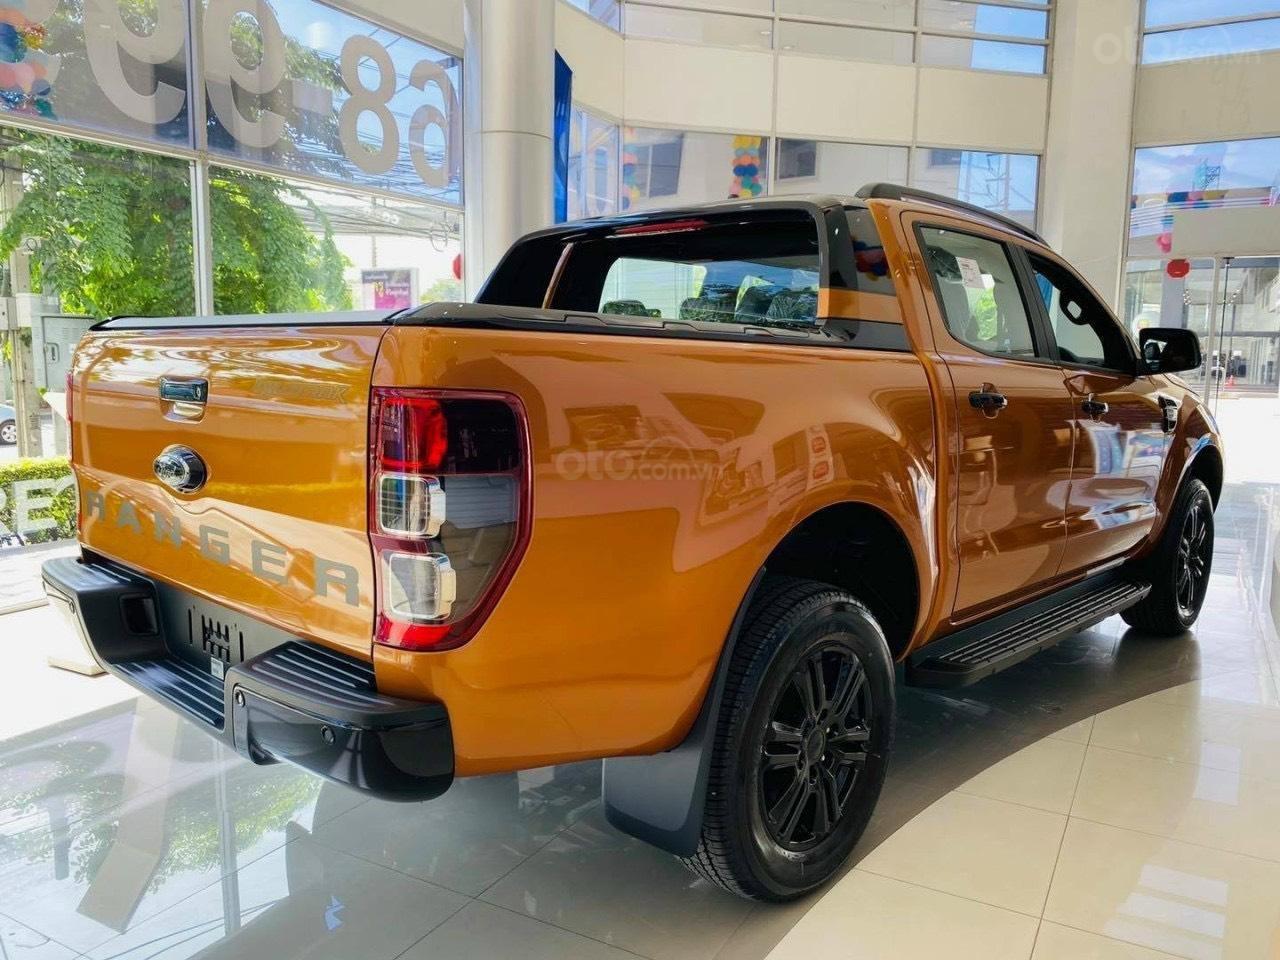 Ford Hà Nội - Ford Ranger Wildtrak 4x4 Bi-Turbo 2021 trả góp 90%, không chứng minh thu nhập, toàn quốc (2)